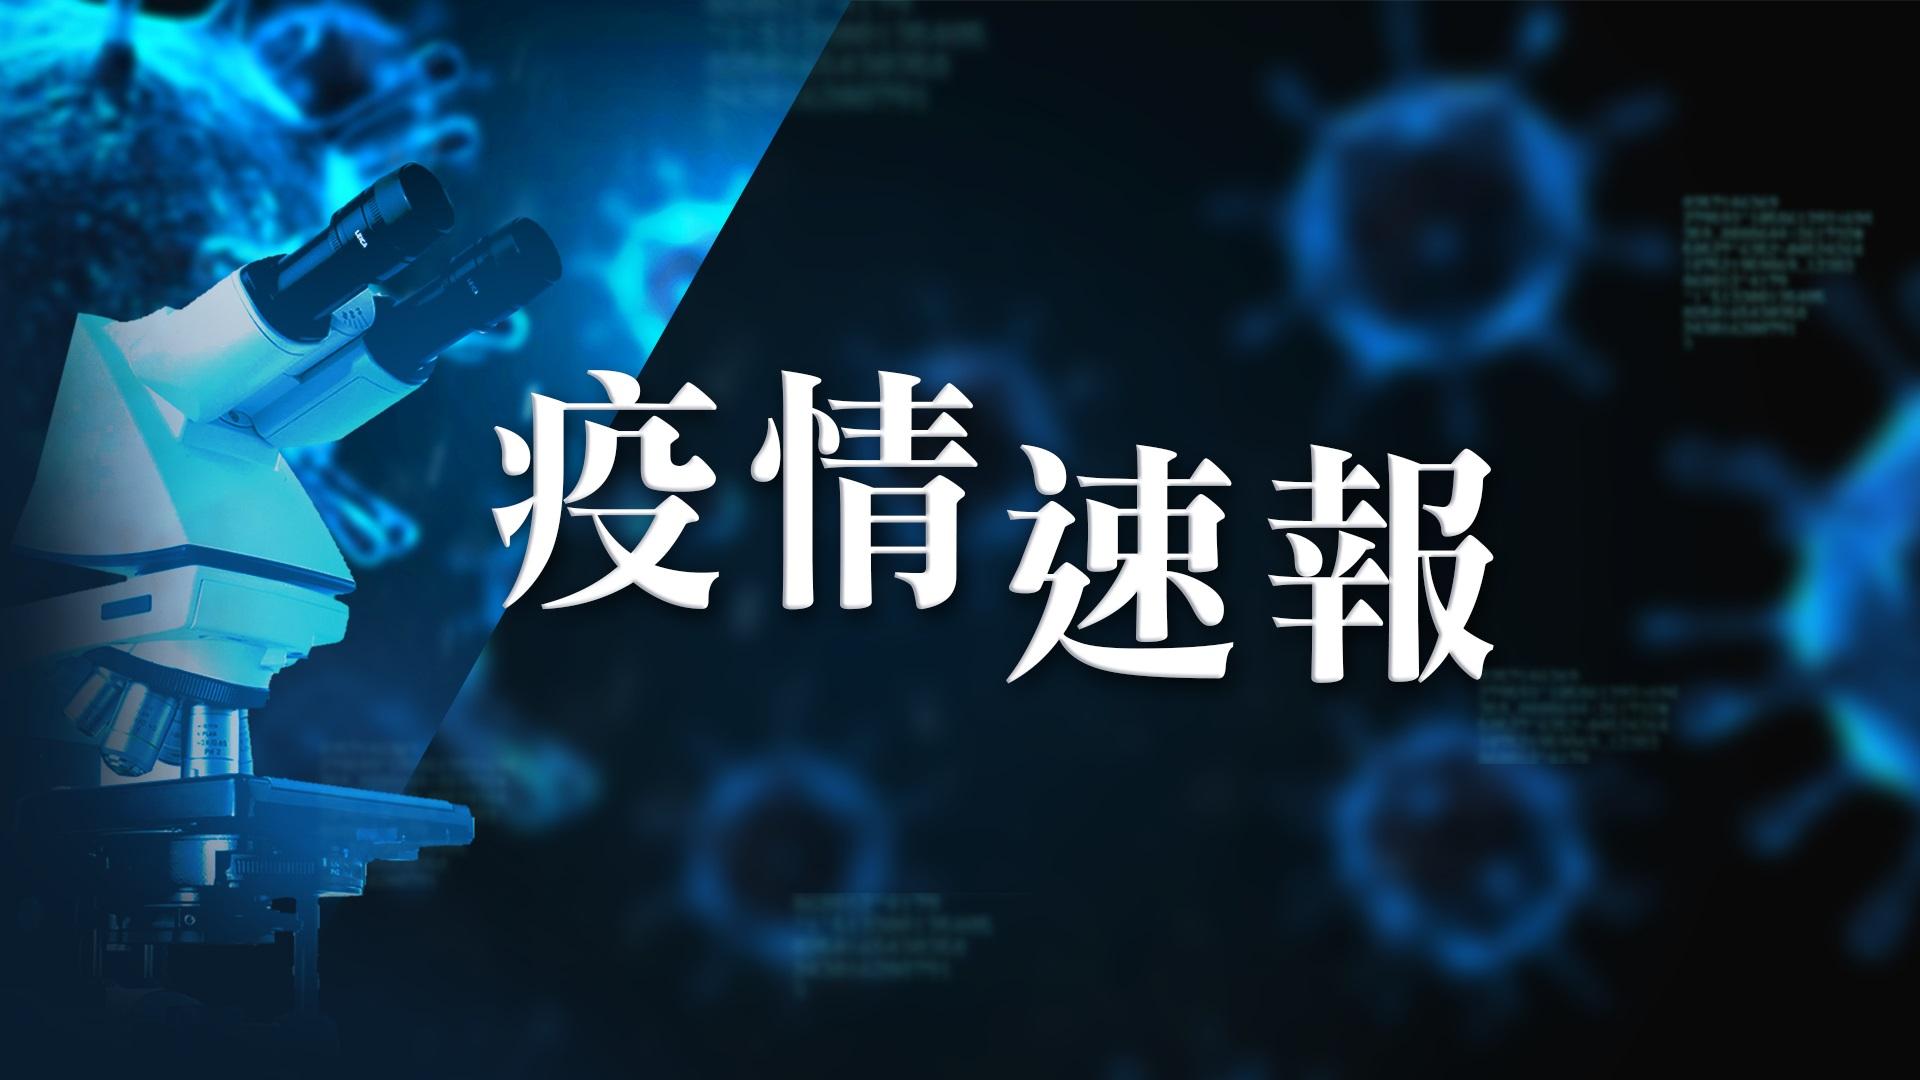 【6月27日疫情速報】(23:20)